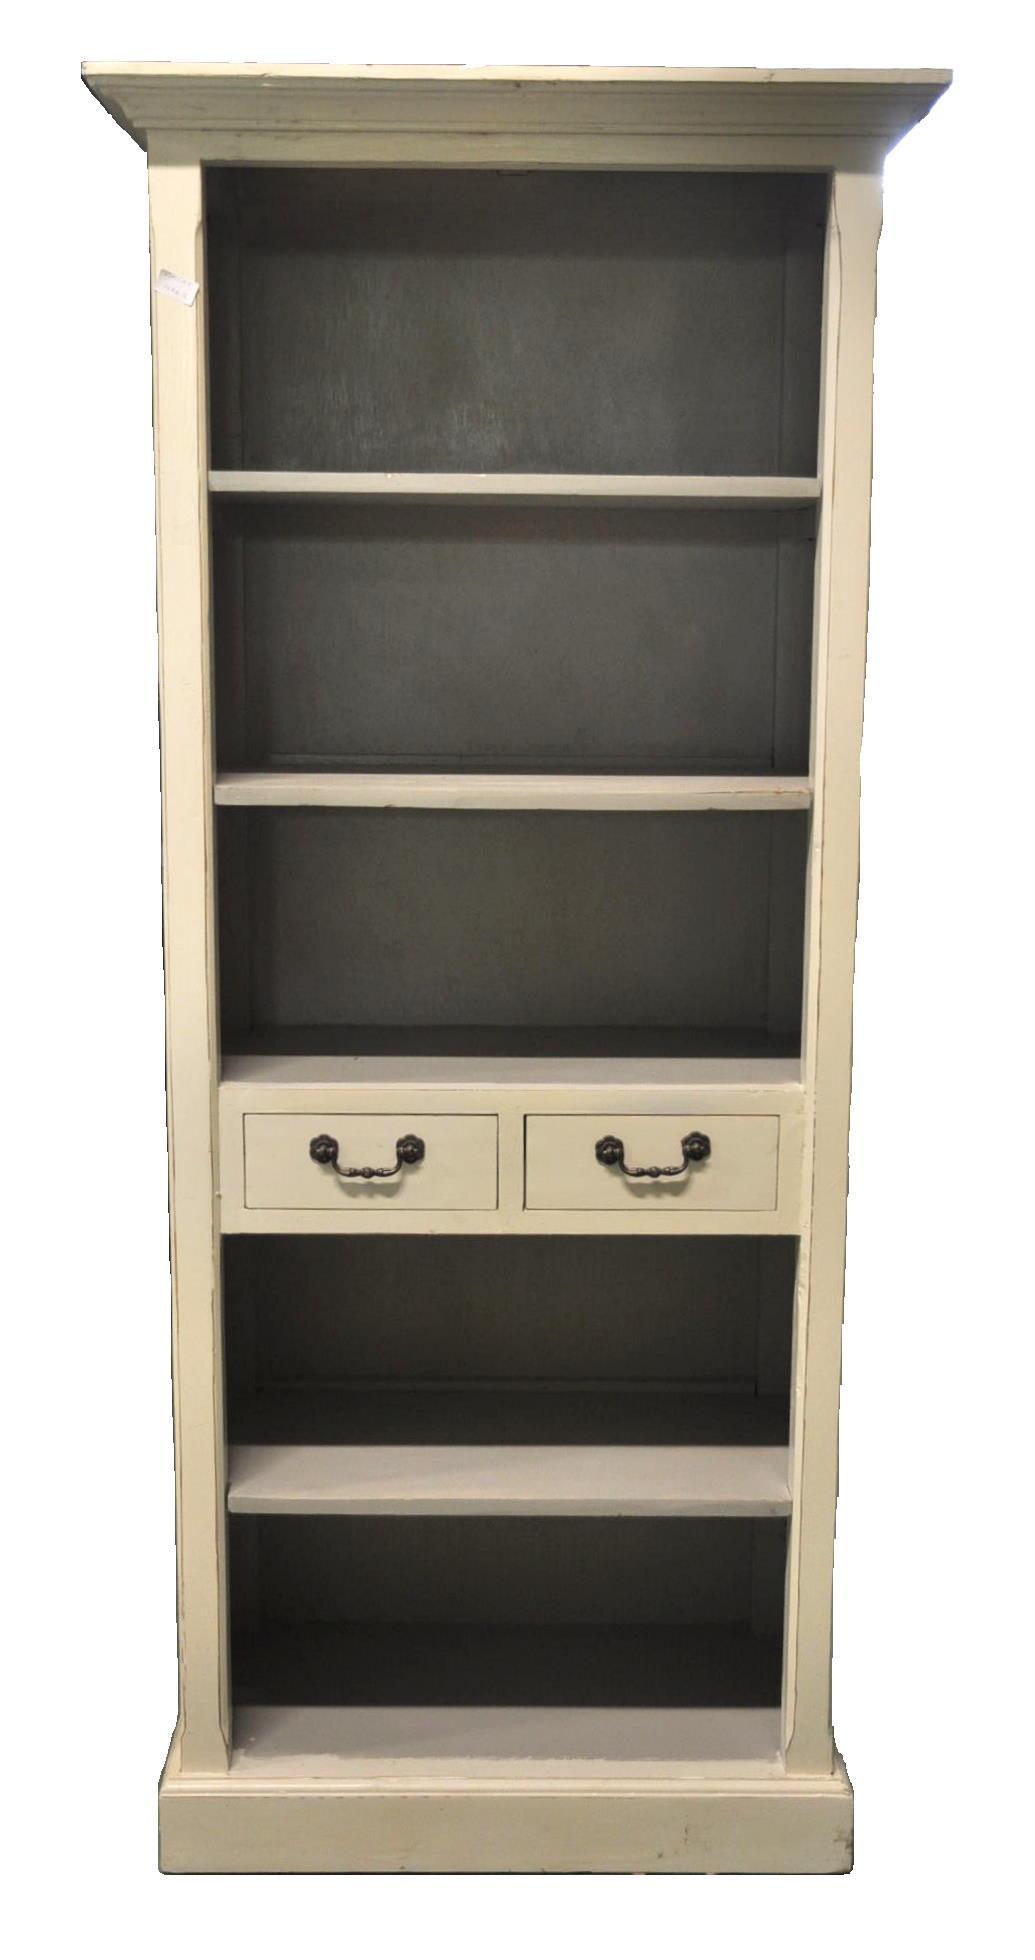 petite biblioth que ivoire int rieure gris demeure et jardin. Black Bedroom Furniture Sets. Home Design Ideas